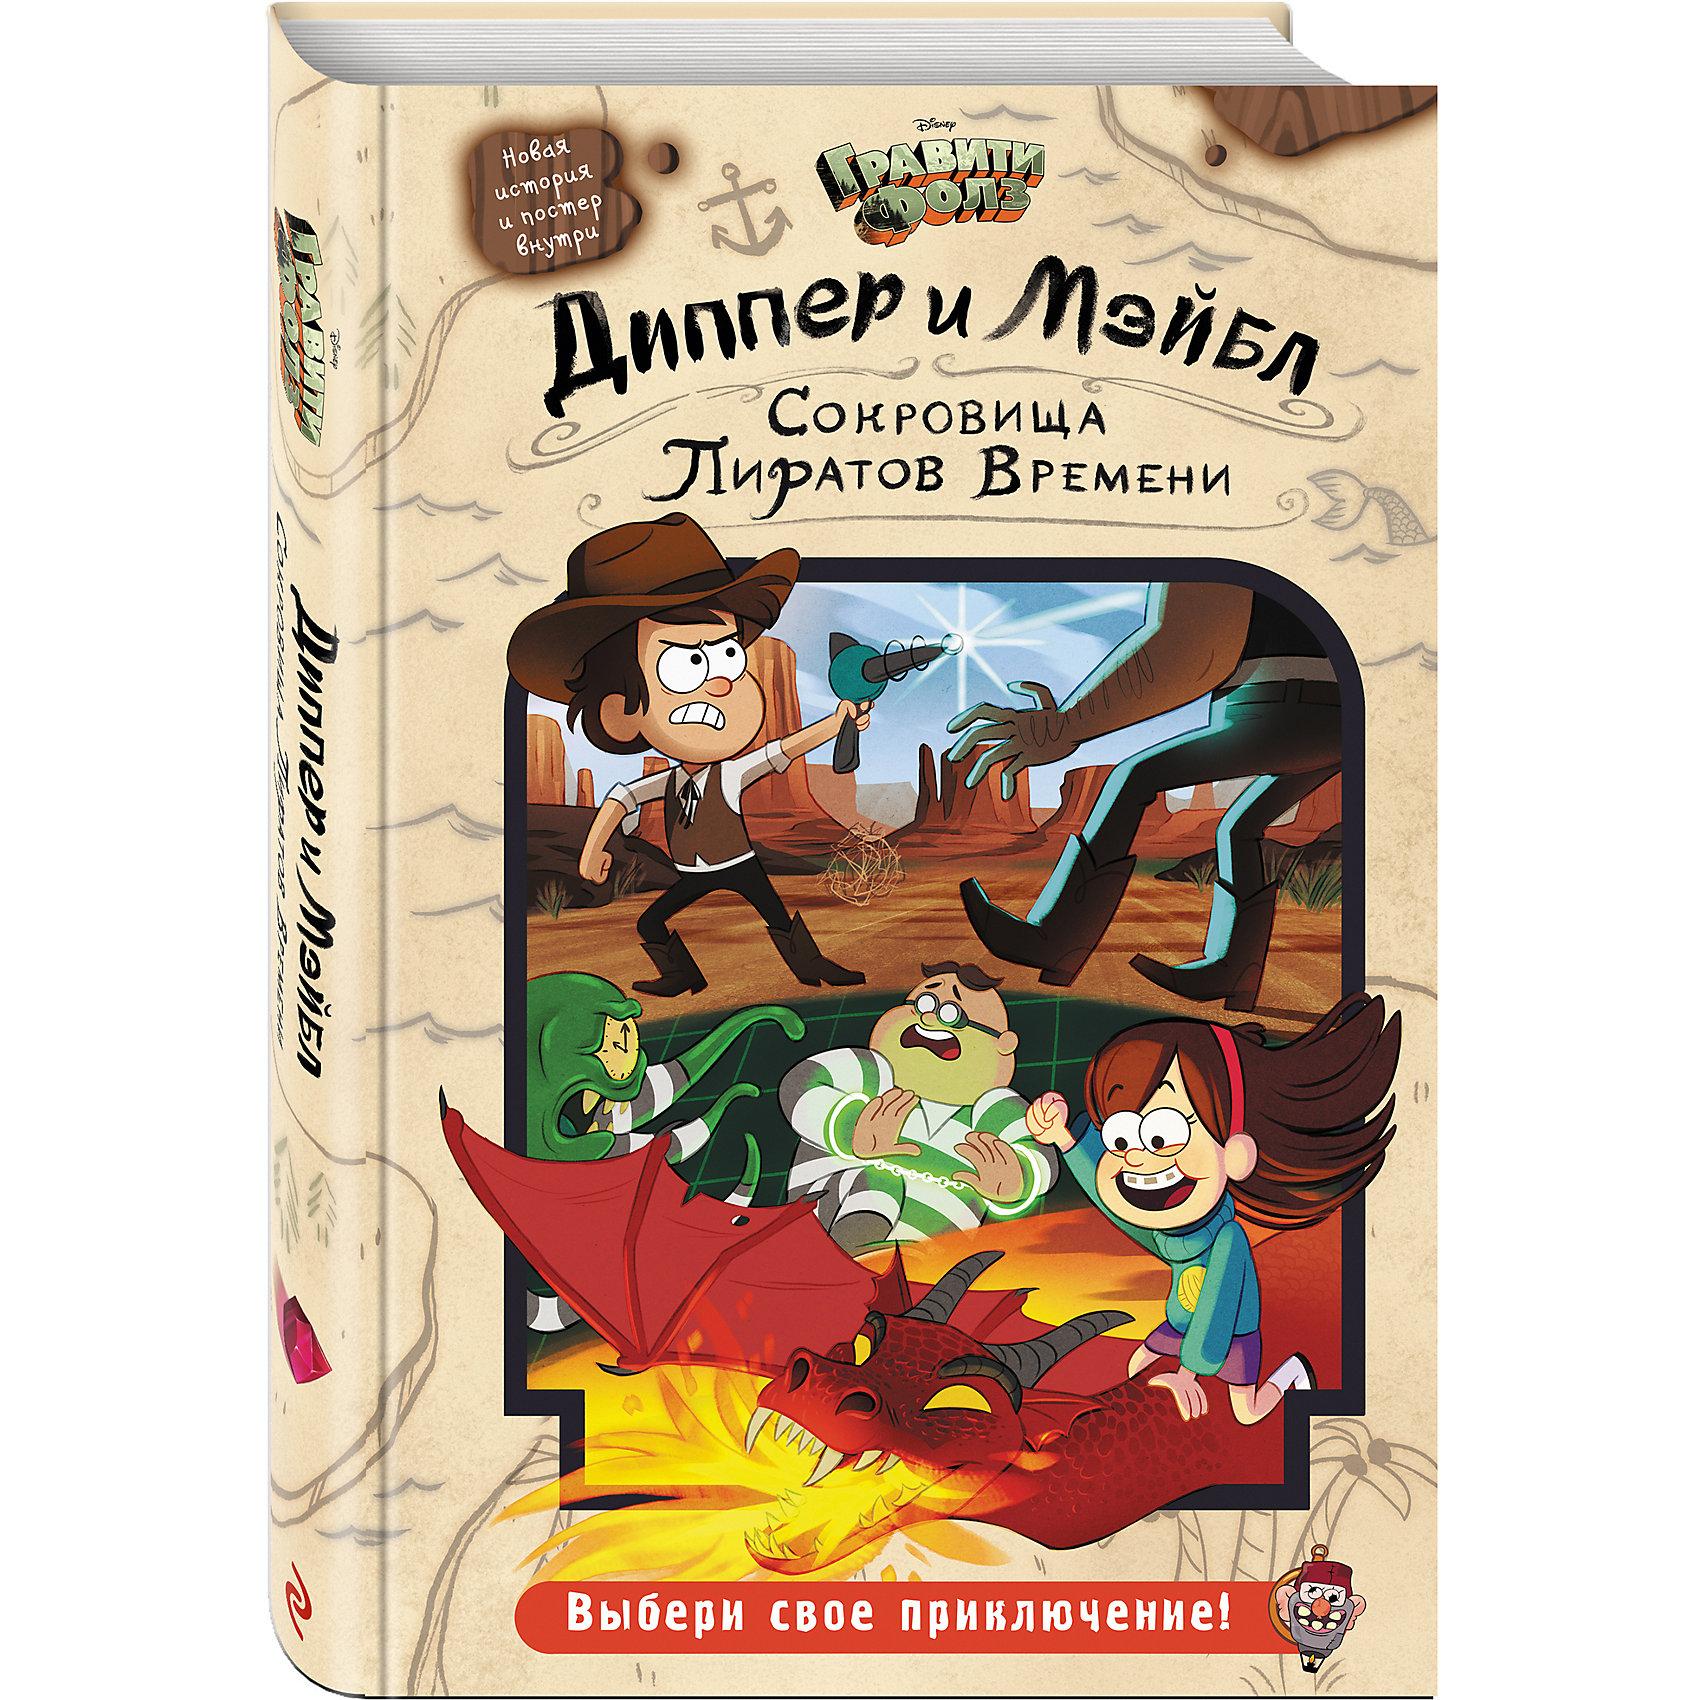 Диппер и Мэйбл: Сокровища Пиратов ВремениДетские детективы<br>Характеристики товара: <br><br>• ISBN: 9785699900688<br>• возраст от: 10 лет<br>• формат: 60x90/16<br>• бумага: офсет<br>• обложка: твердая<br>• иллюстрации: цветные<br>• серия: Disney. Гравити Фолз<br>• издательство: Эксмо<br>• переводчик: Хромова А. С.<br>• количество страниц: 288<br>• размеры: 21x14 см<br><br>Мир, созданный в мультфильме «Гравити Фолз», обожают многие современные дети. Эта книга поможет снова встретиться с любимыми героями, читая про новые приключения.<br><br>Отличное качество печати, красочные иллюстрации и постер внутри - всё это поможет проникнуться атмосферой любимой вселенной.<br><br>«Гравити Фолз: Дневник Диппера и Мэйбл. Тайны, приколы и веселье нон-стоп!» можно купить в нашем интернет-магазине.<br><br>Ширина мм: 212<br>Глубина мм: 138<br>Высота мм: 200<br>Вес г: 528<br>Возраст от месяцев: 144<br>Возраст до месяцев: 2147483647<br>Пол: Унисекс<br>Возраст: Детский<br>SKU: 5535327